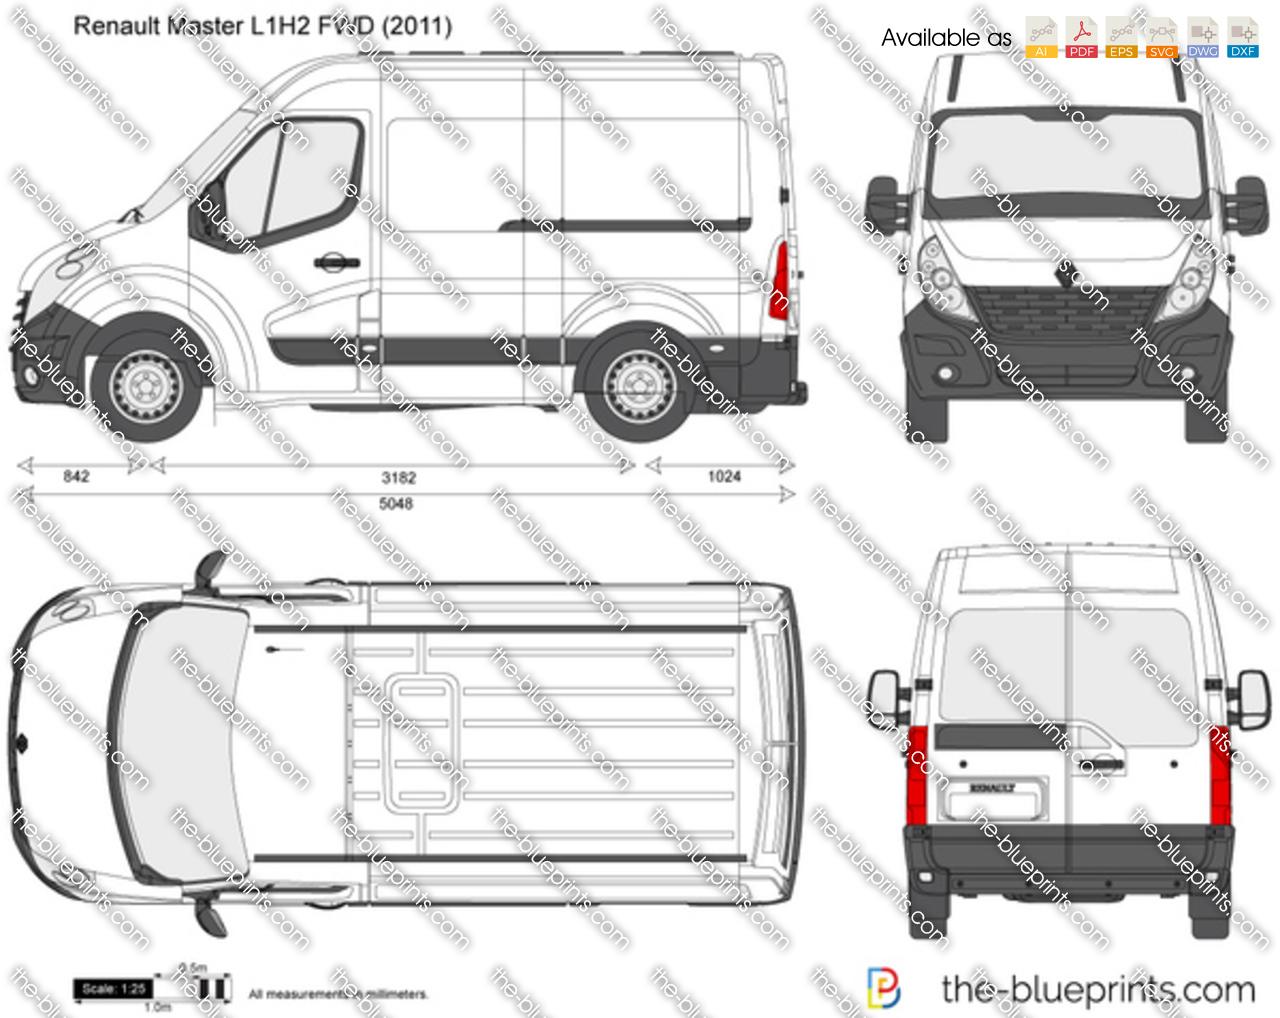 renault master l1h2 fwd vector drawing. Black Bedroom Furniture Sets. Home Design Ideas